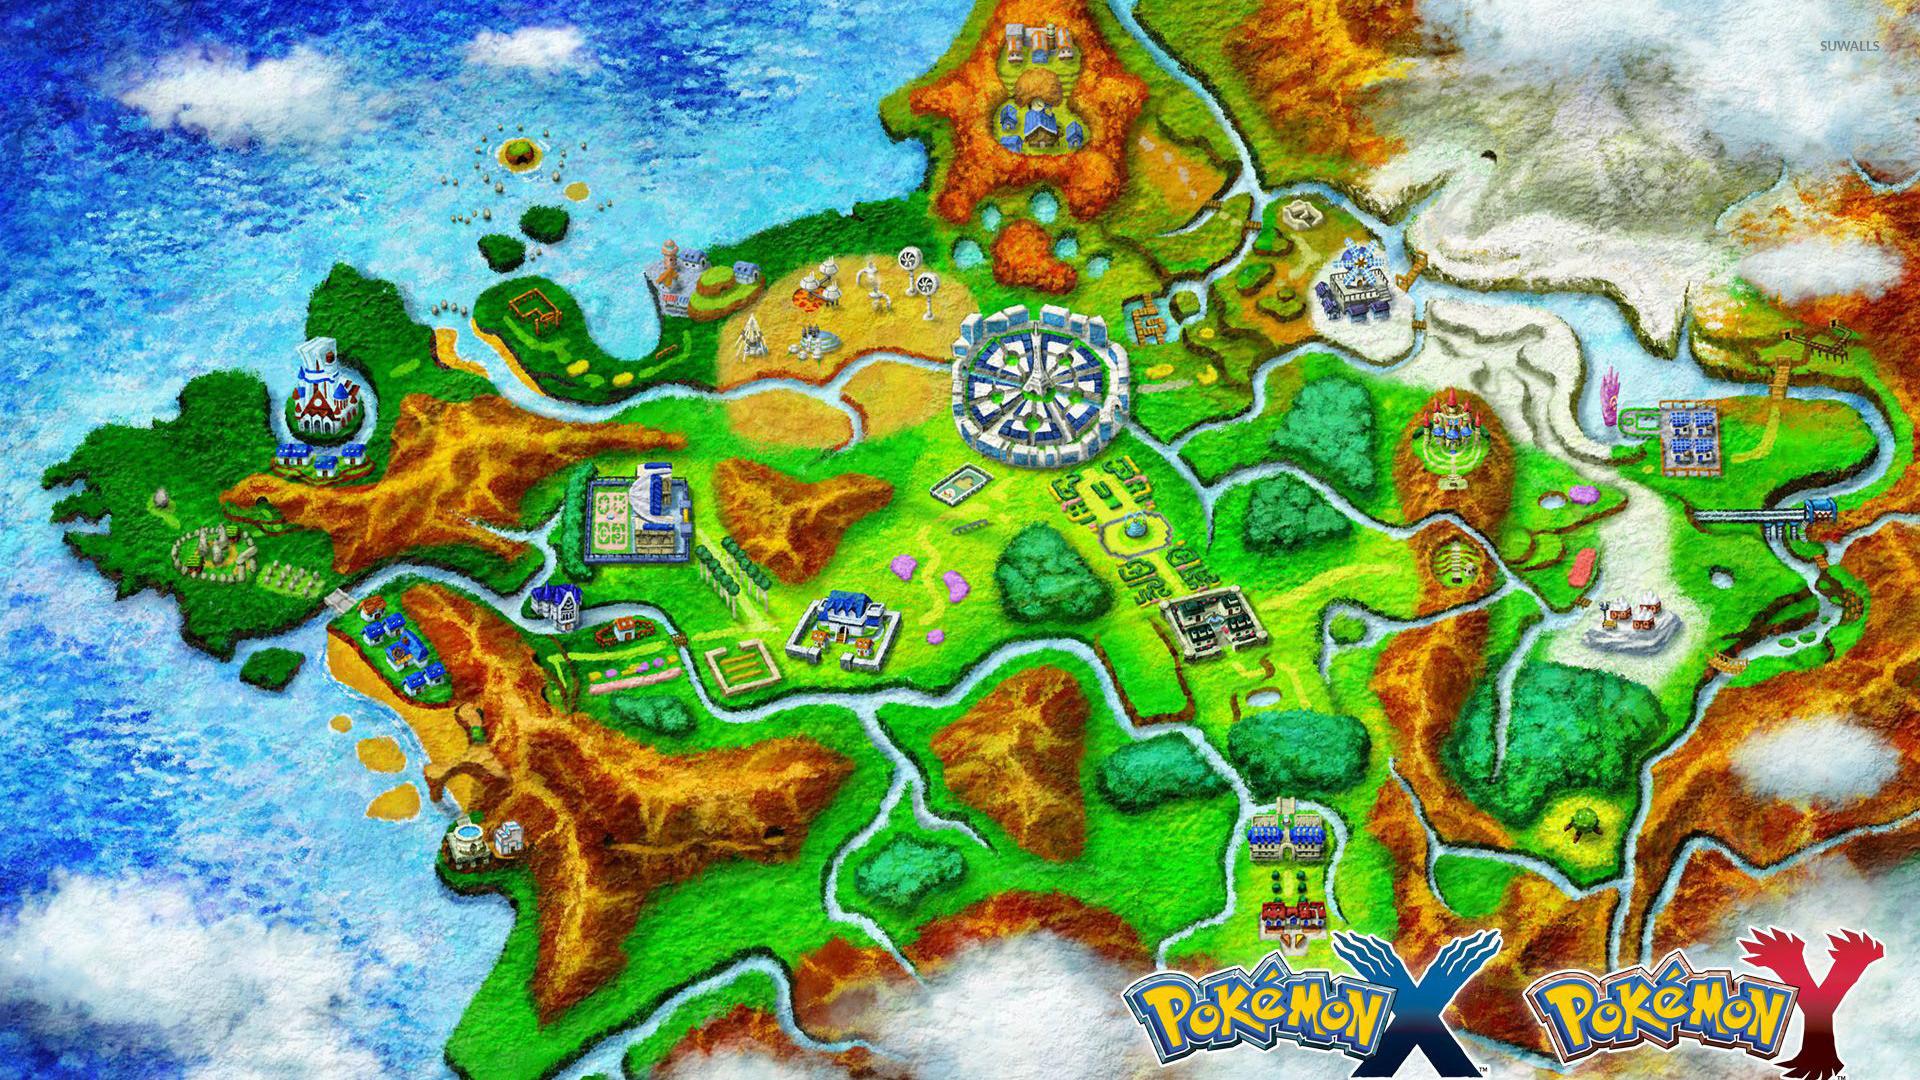 Kalos – Pokemon wallpaper jpg